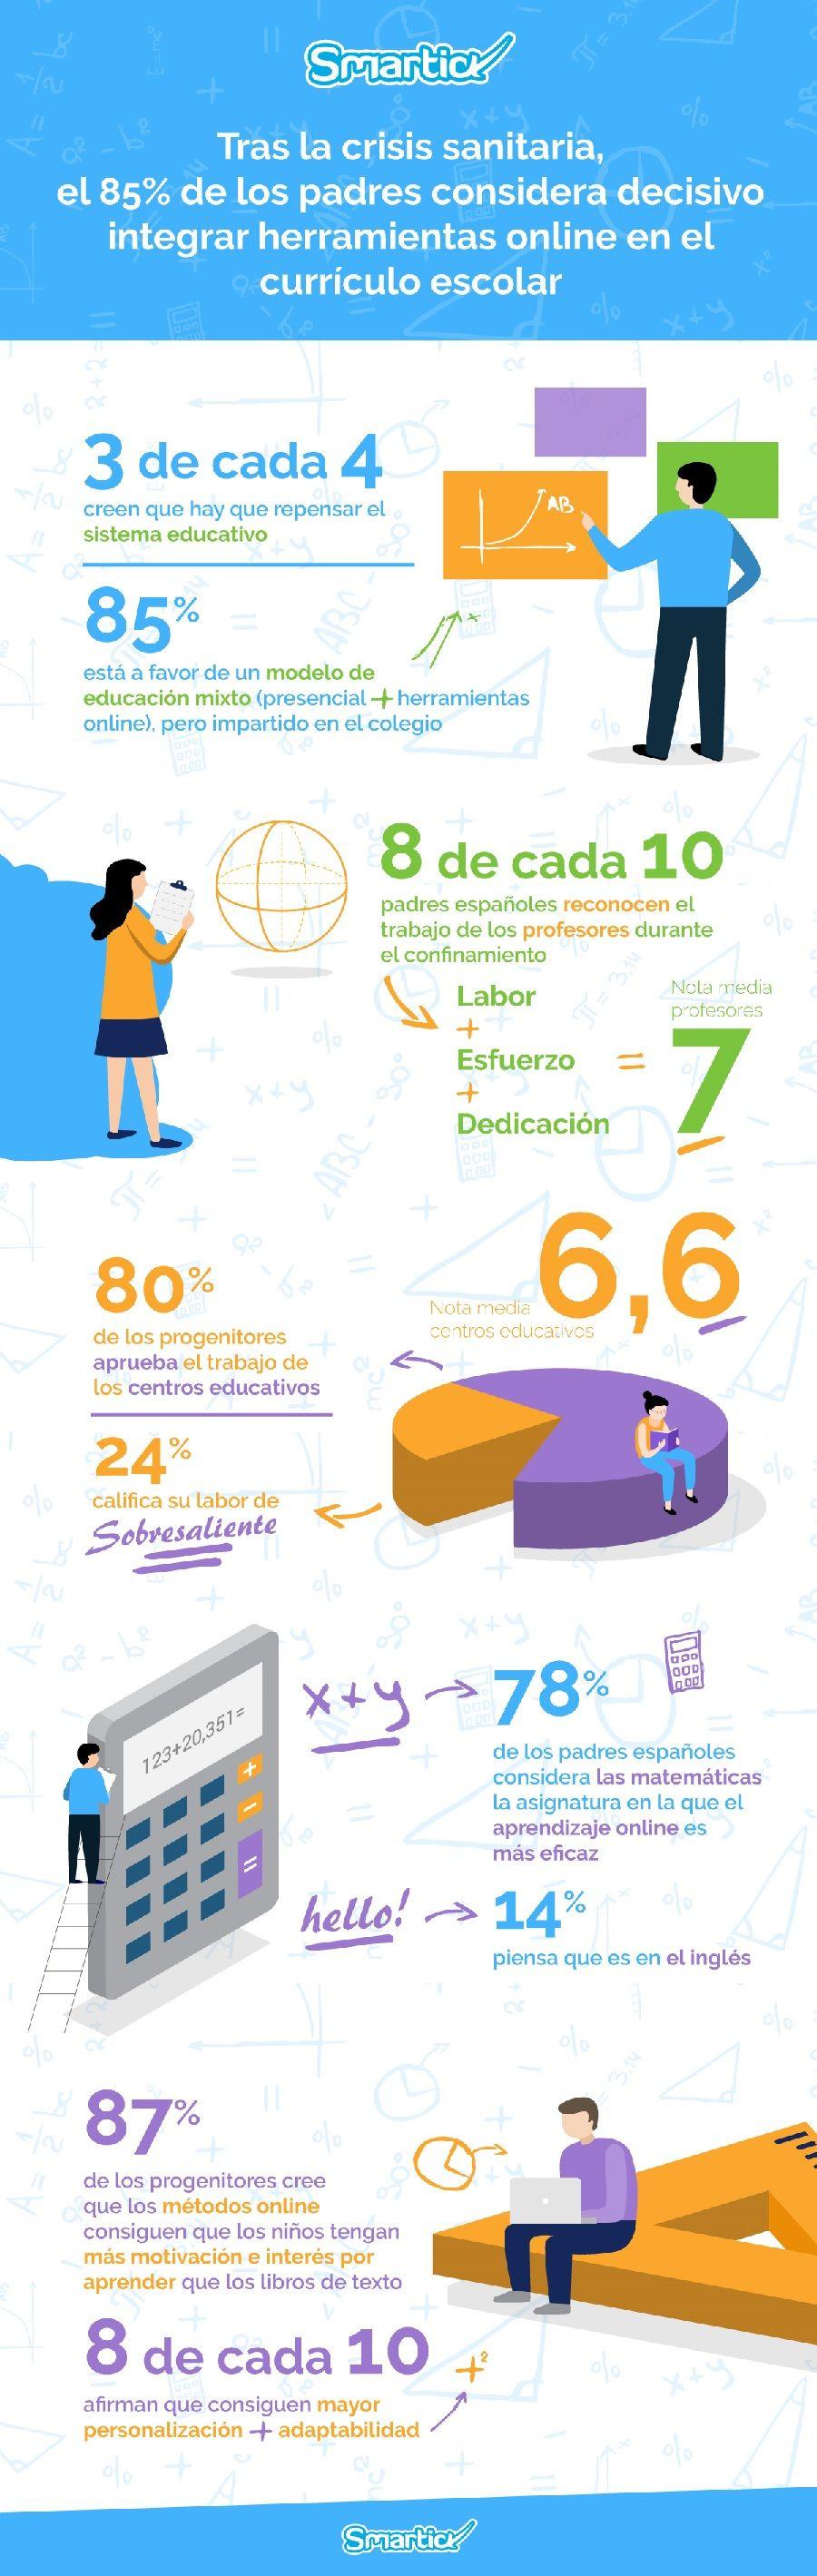 Tras la pandemia, el 85% de los padres cree decisivo integrar herramientas online en el currículo escolar